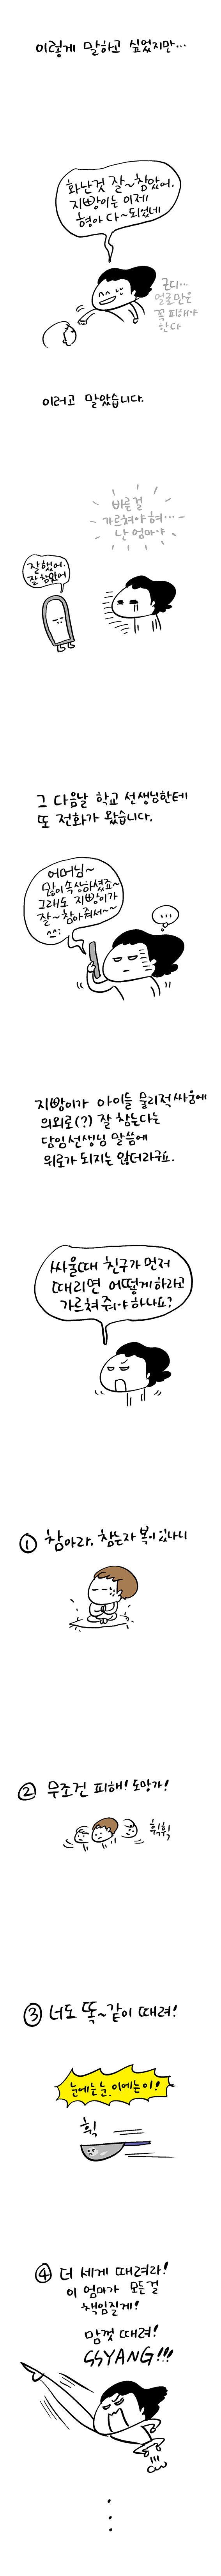 육아카툰초등아들싸움상처66.jpg